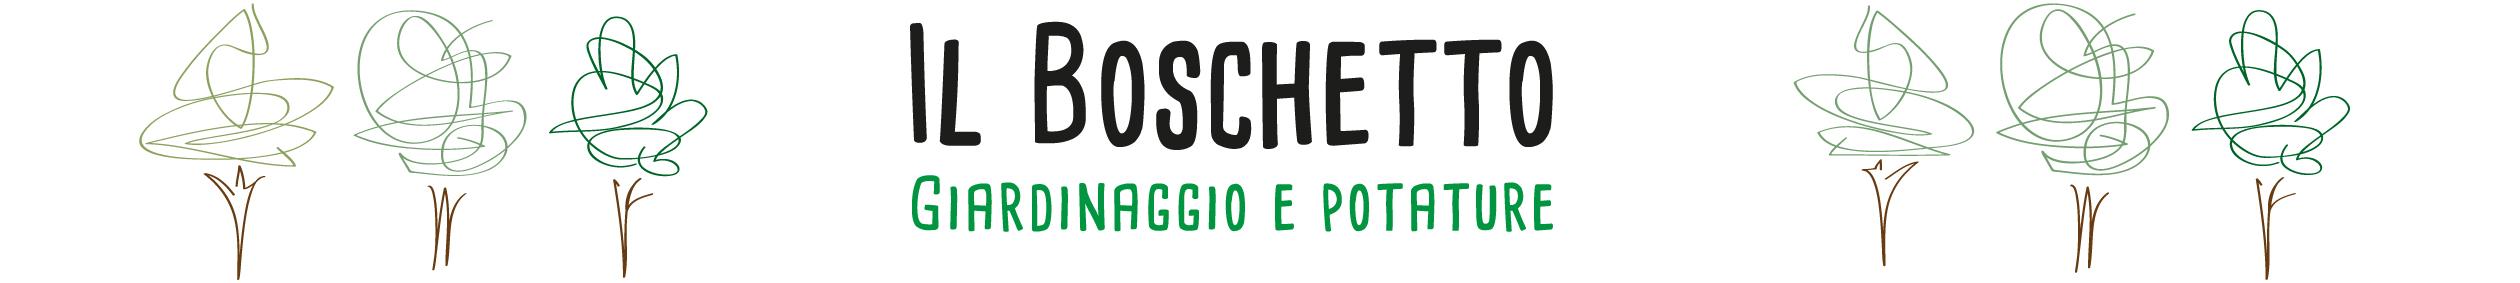 Il Boschetto – Giardinaggio e potature Logo